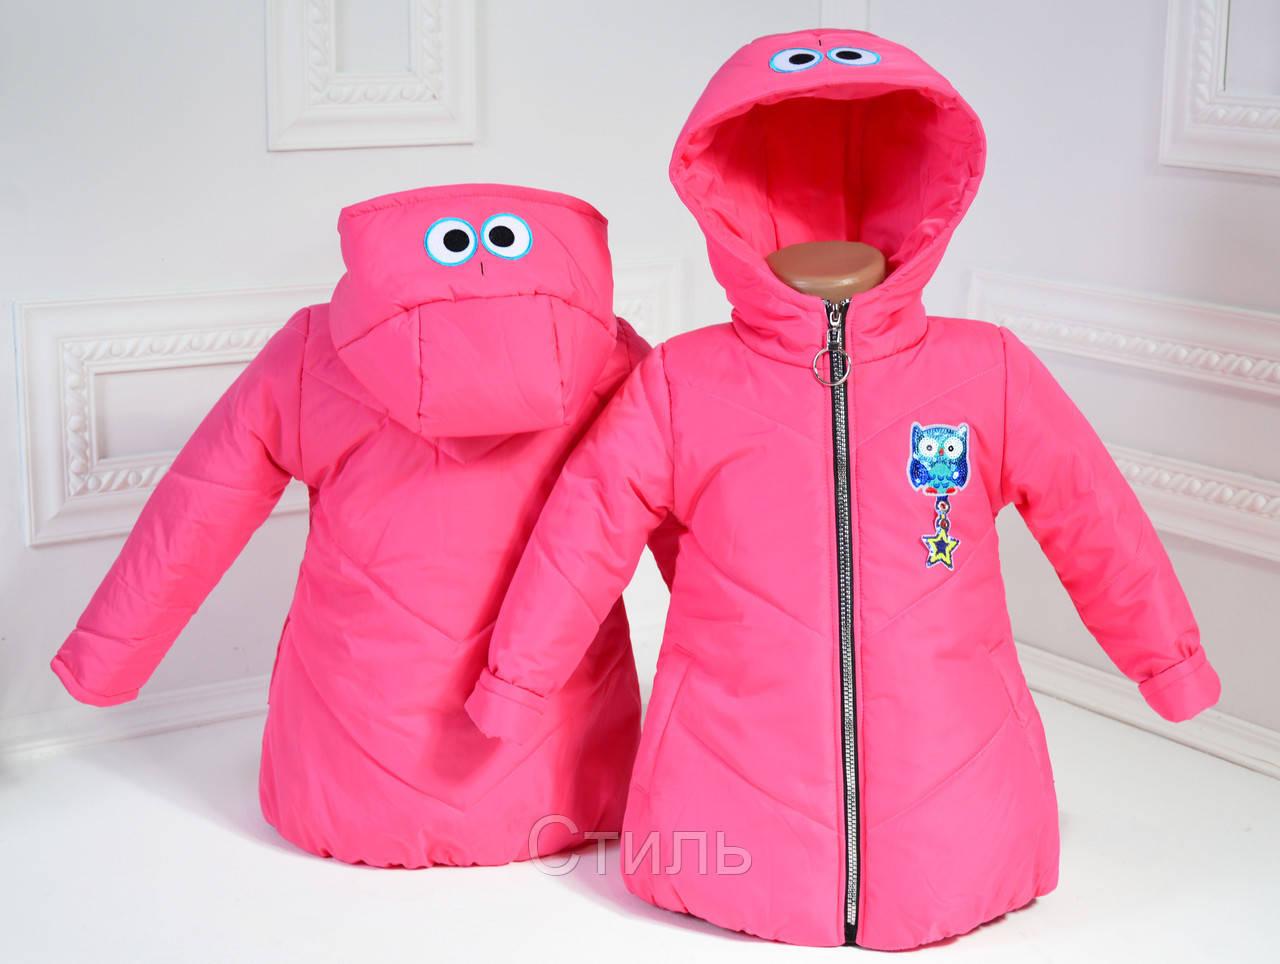 c3f6f573b114 Весенние куртки детские для девочек интернет магазин: продажа, цена ...